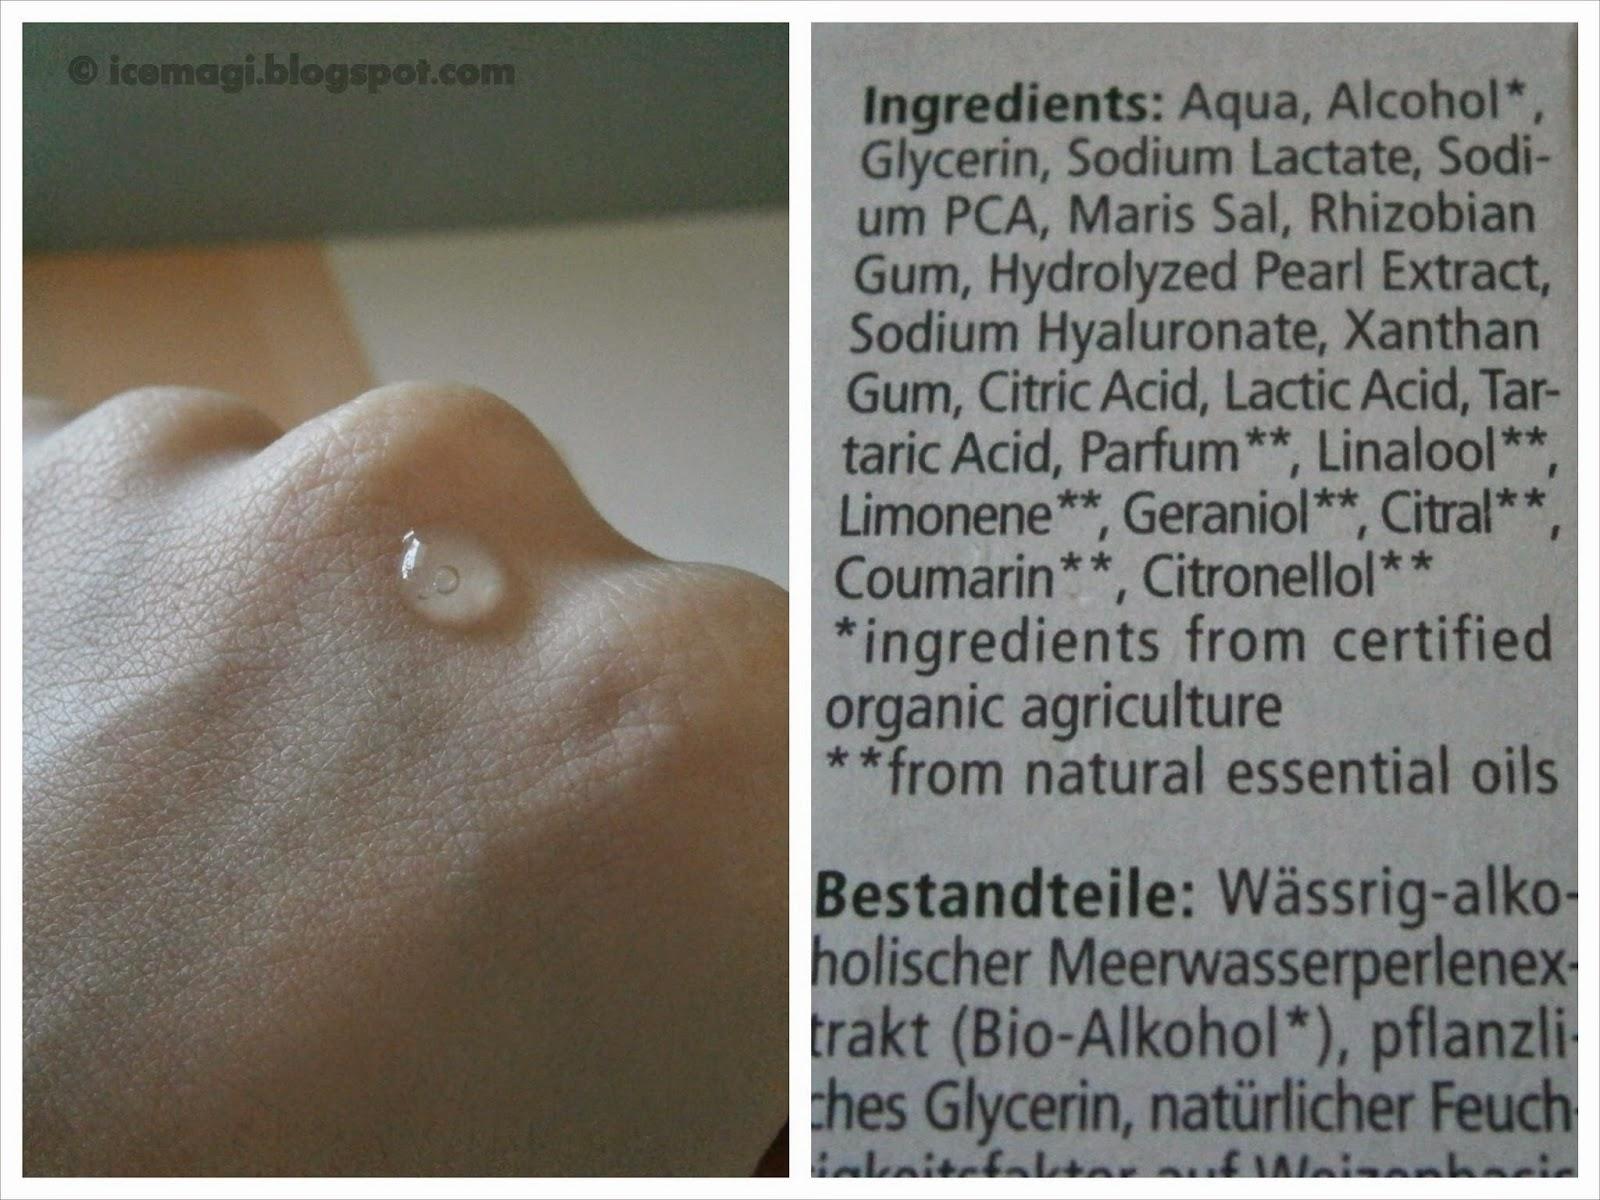 Alverde aqua ingredients